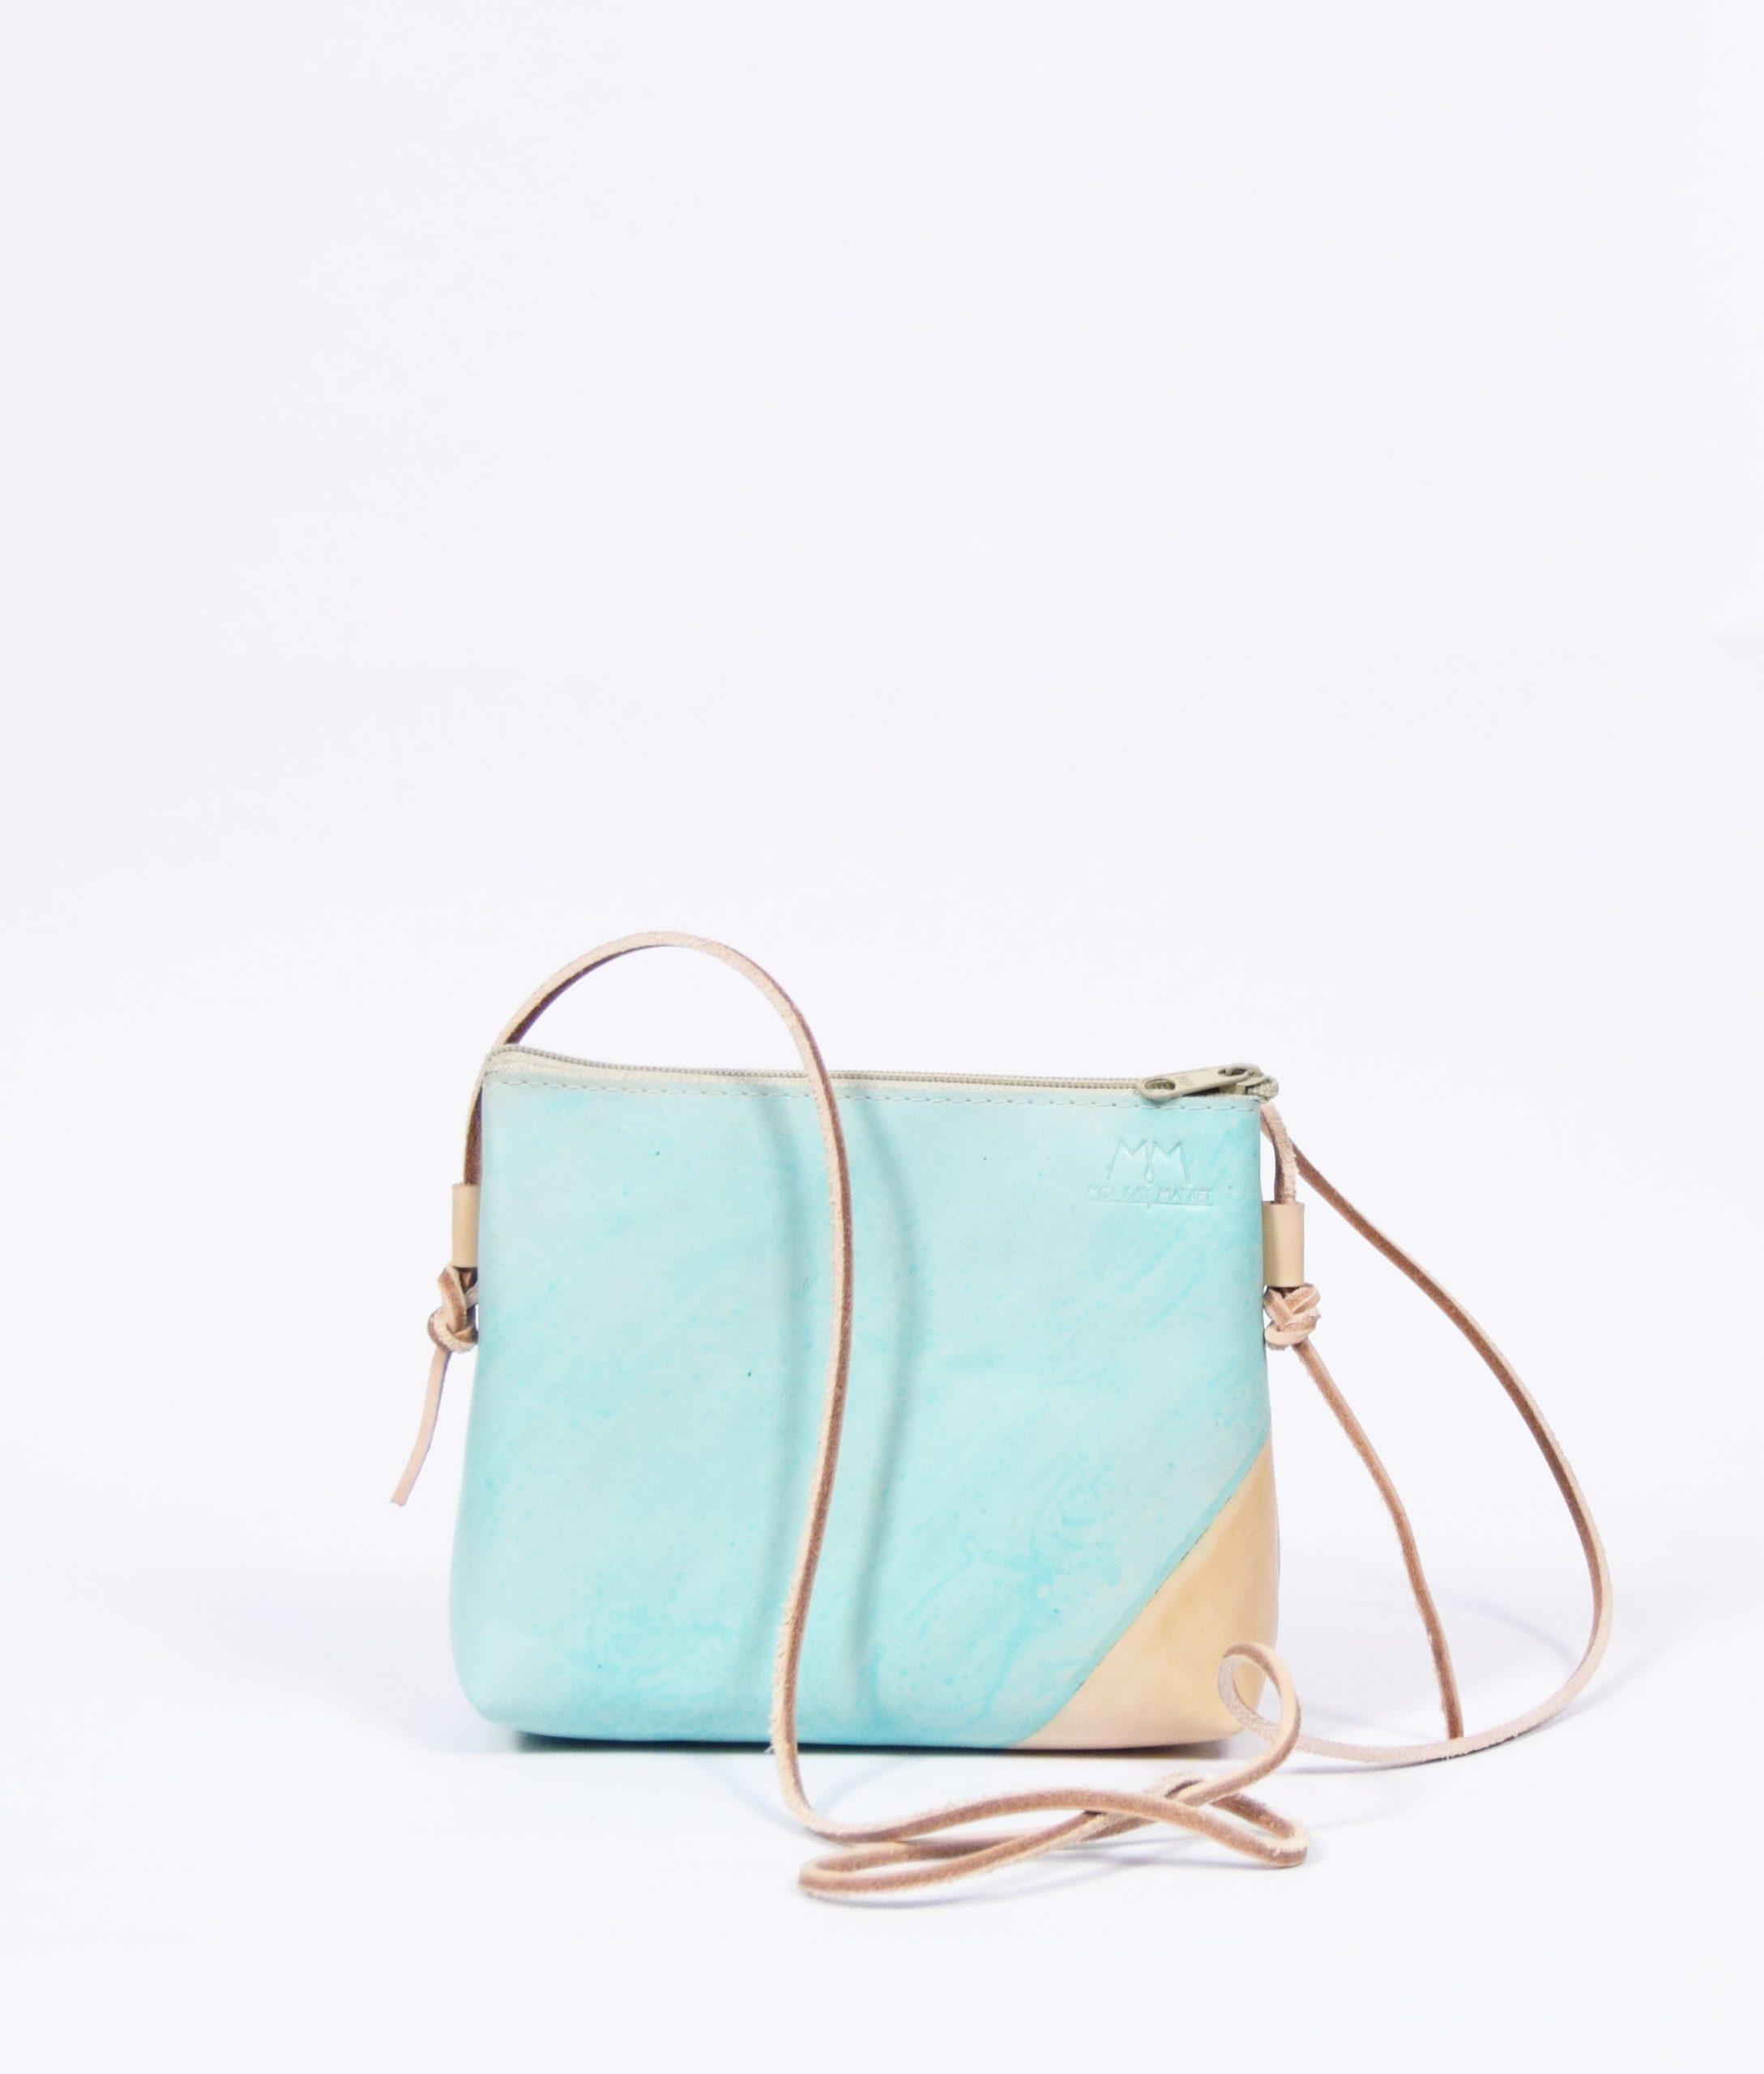 Braune und mintfarbene Leder-Handtasche